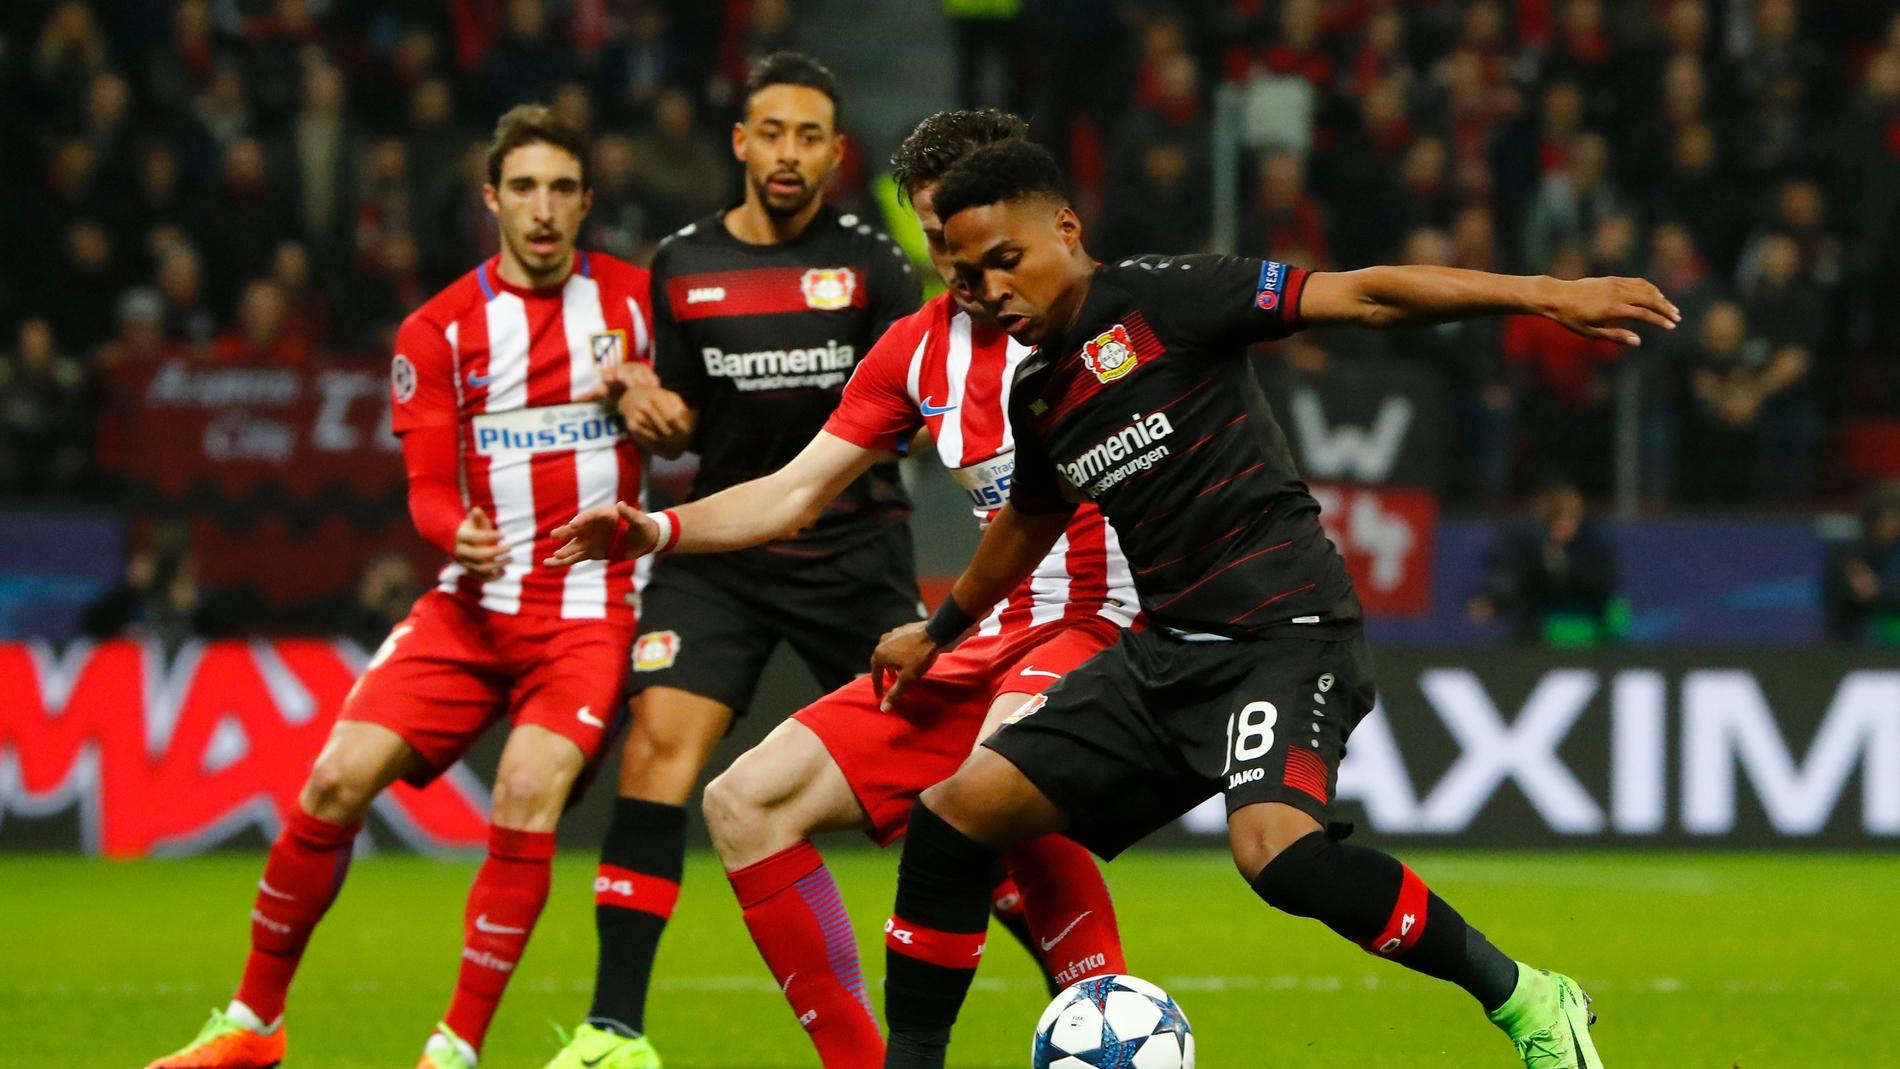 Los jugadores del Atlético de Madrid y Leverkusen durante una jugada